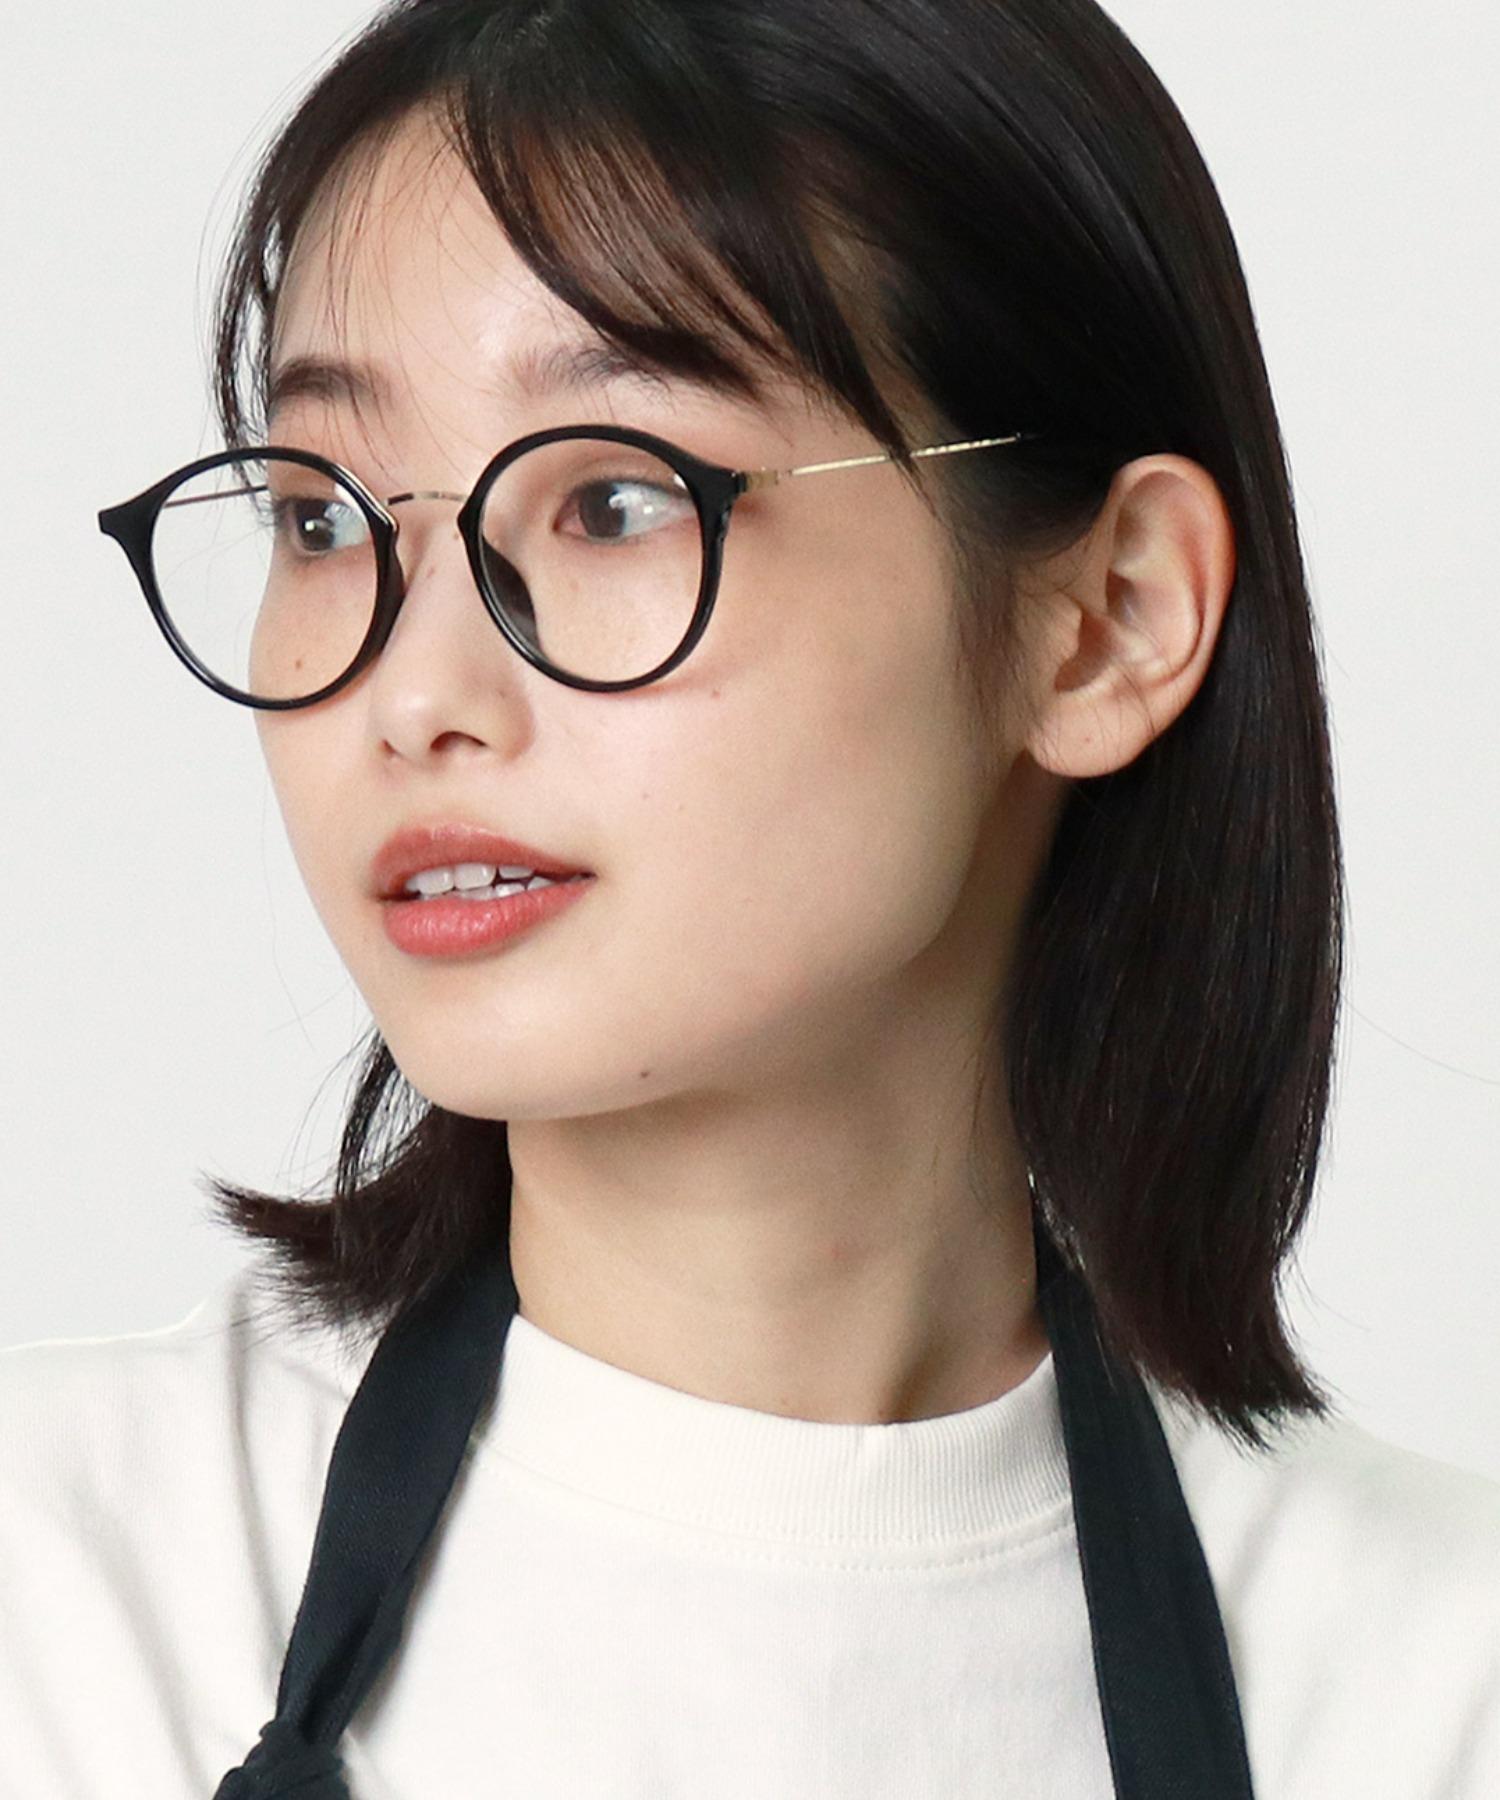 ボストン型伊達眼鏡 9557 SPI